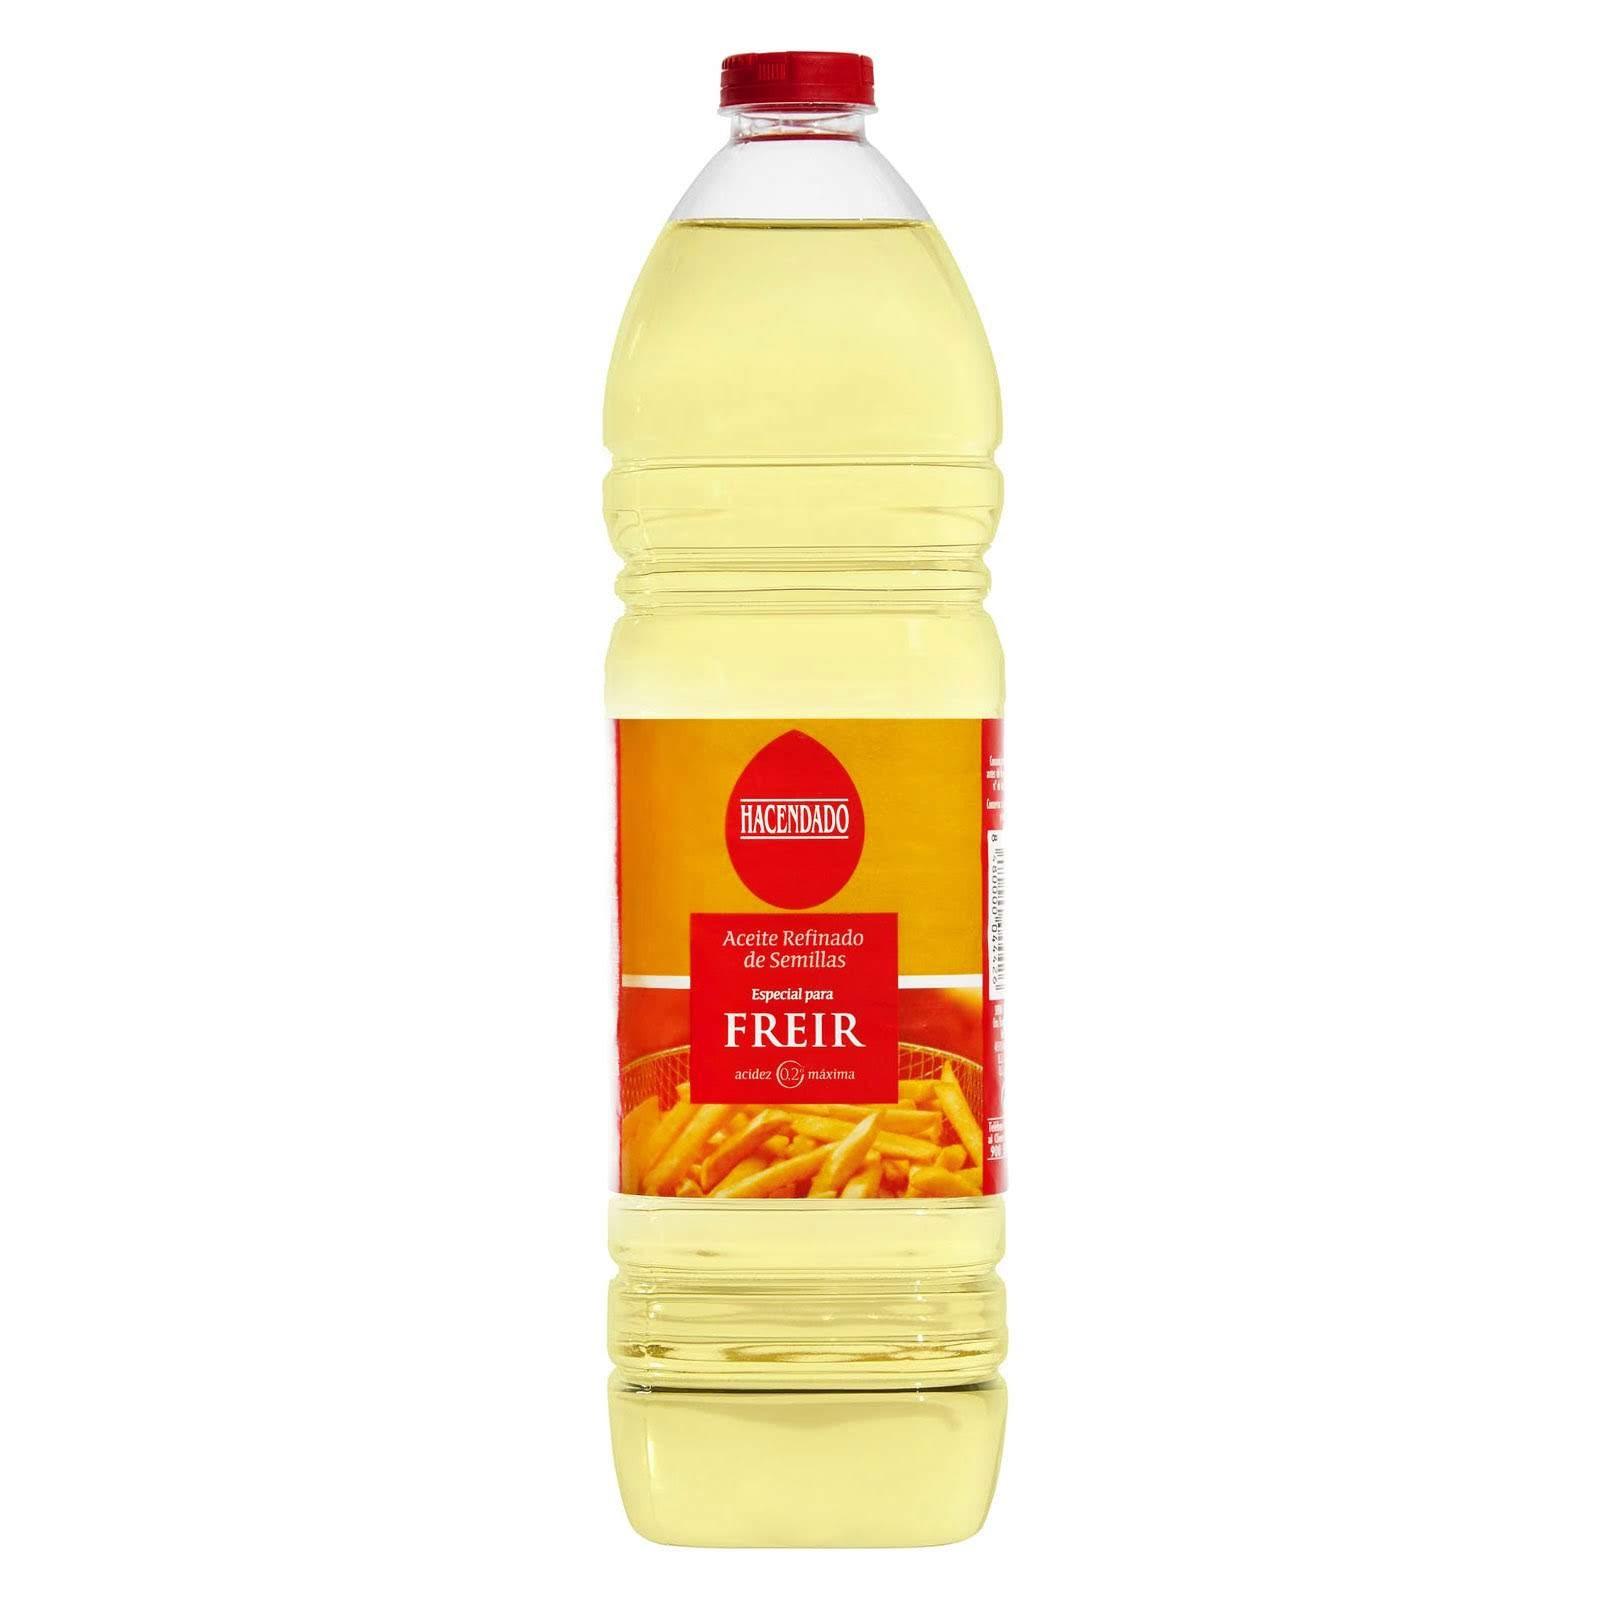 Aceite refinado de semillas Hacendado